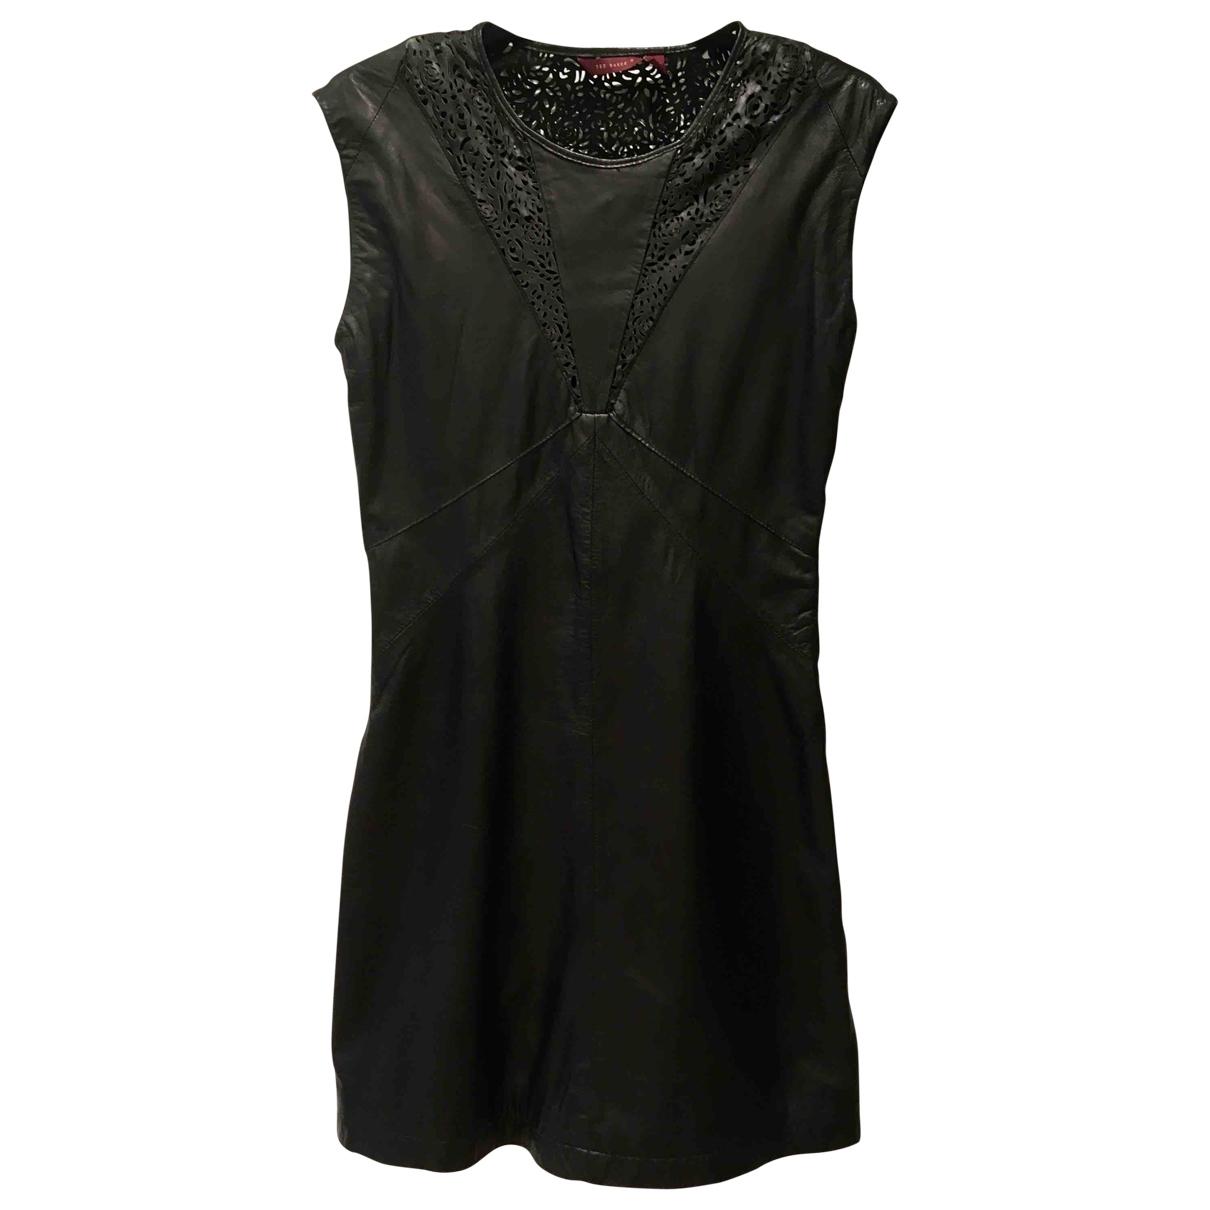 Ted Baker \N Black Leather dress for Women 10 UK